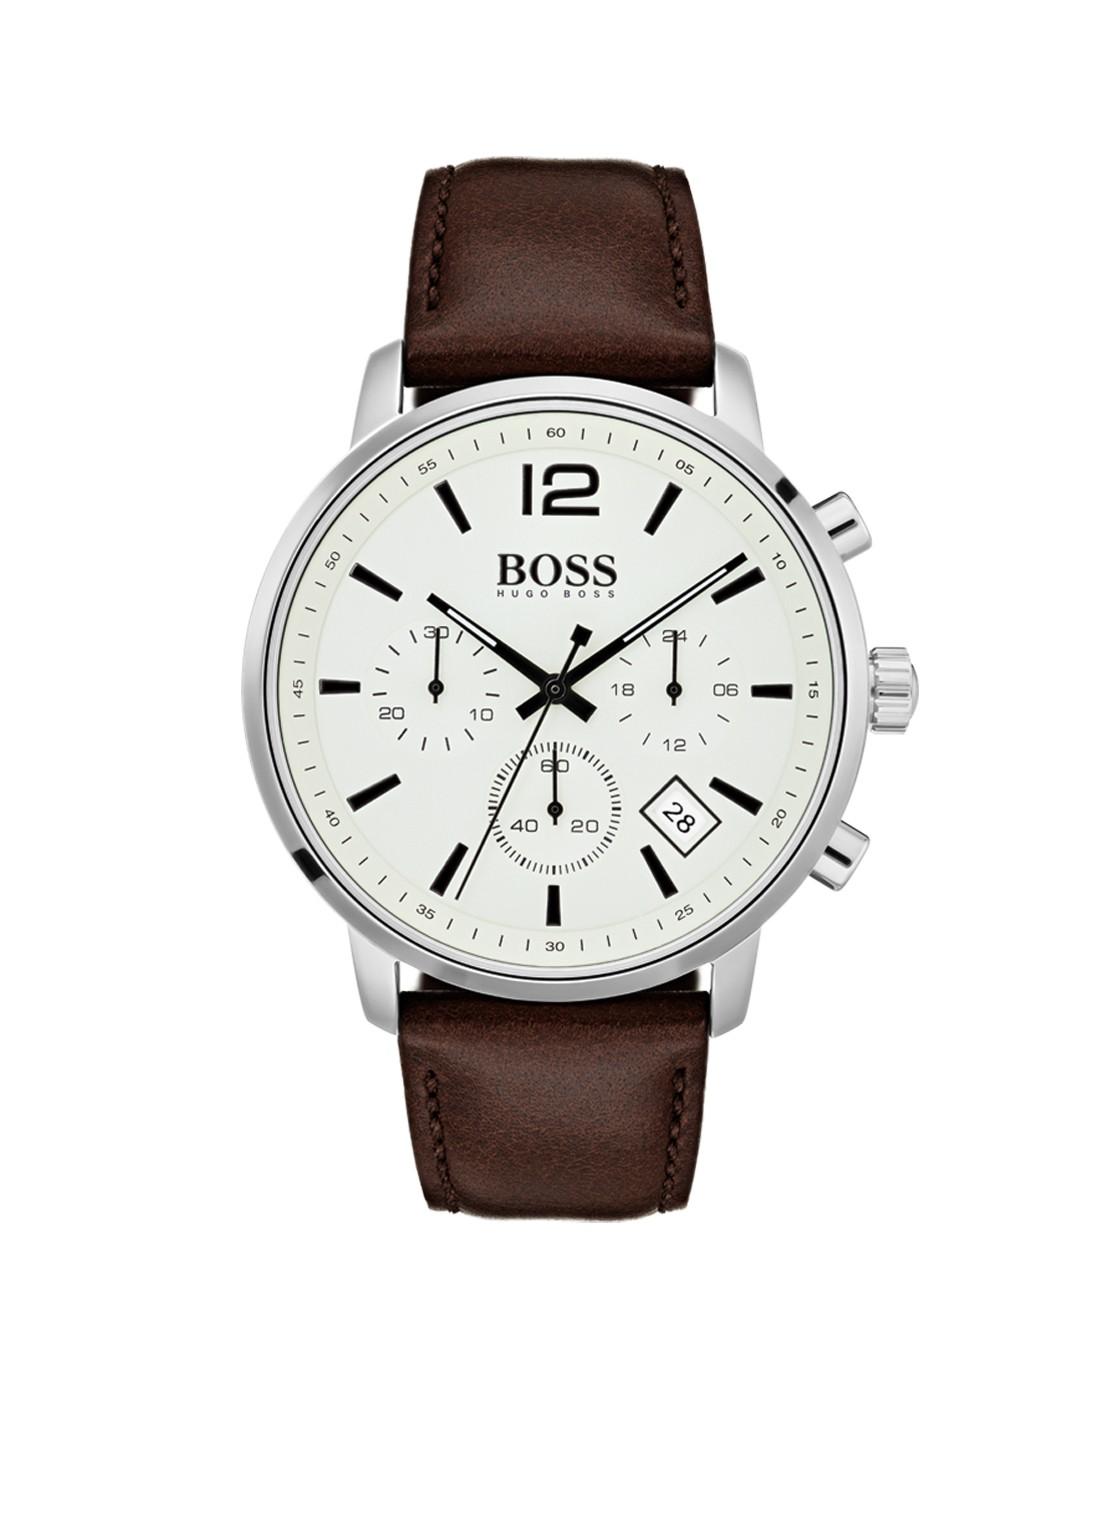 Hugo Boss HB1513609 Attitude Herenhorloge chrono 42 mm